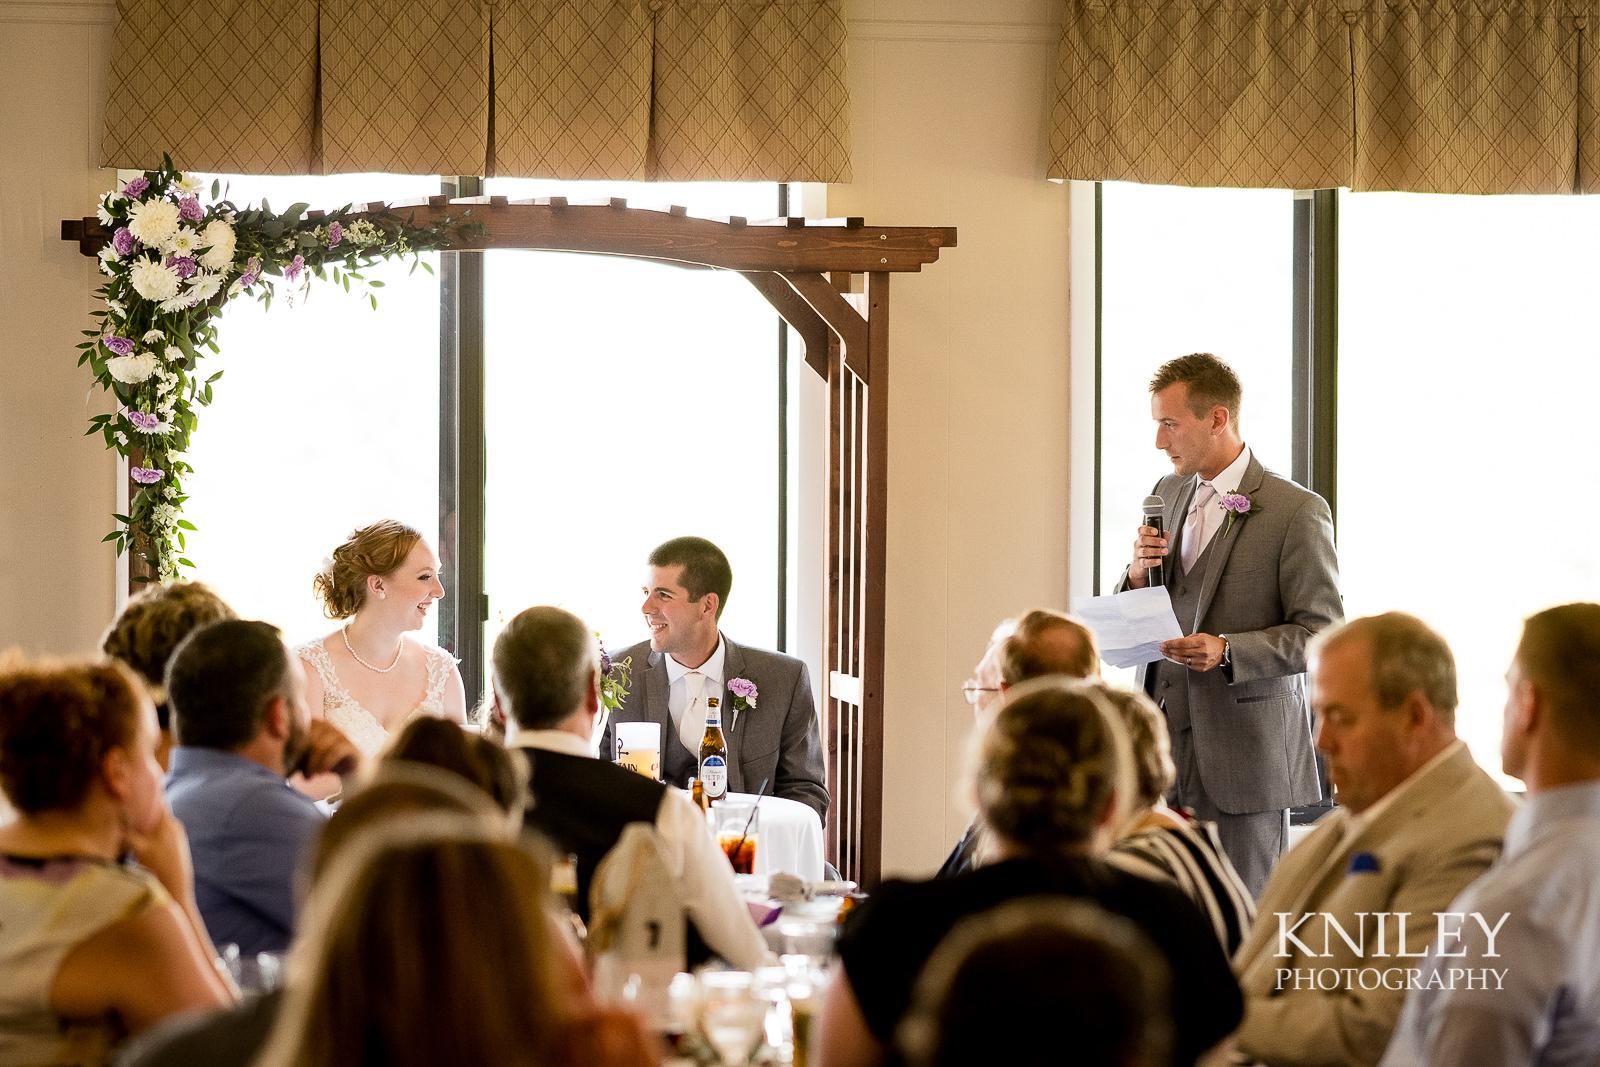 087 - Sodus Bay Heights Golf Club Wedding Pictures -XT2A4643.jpg